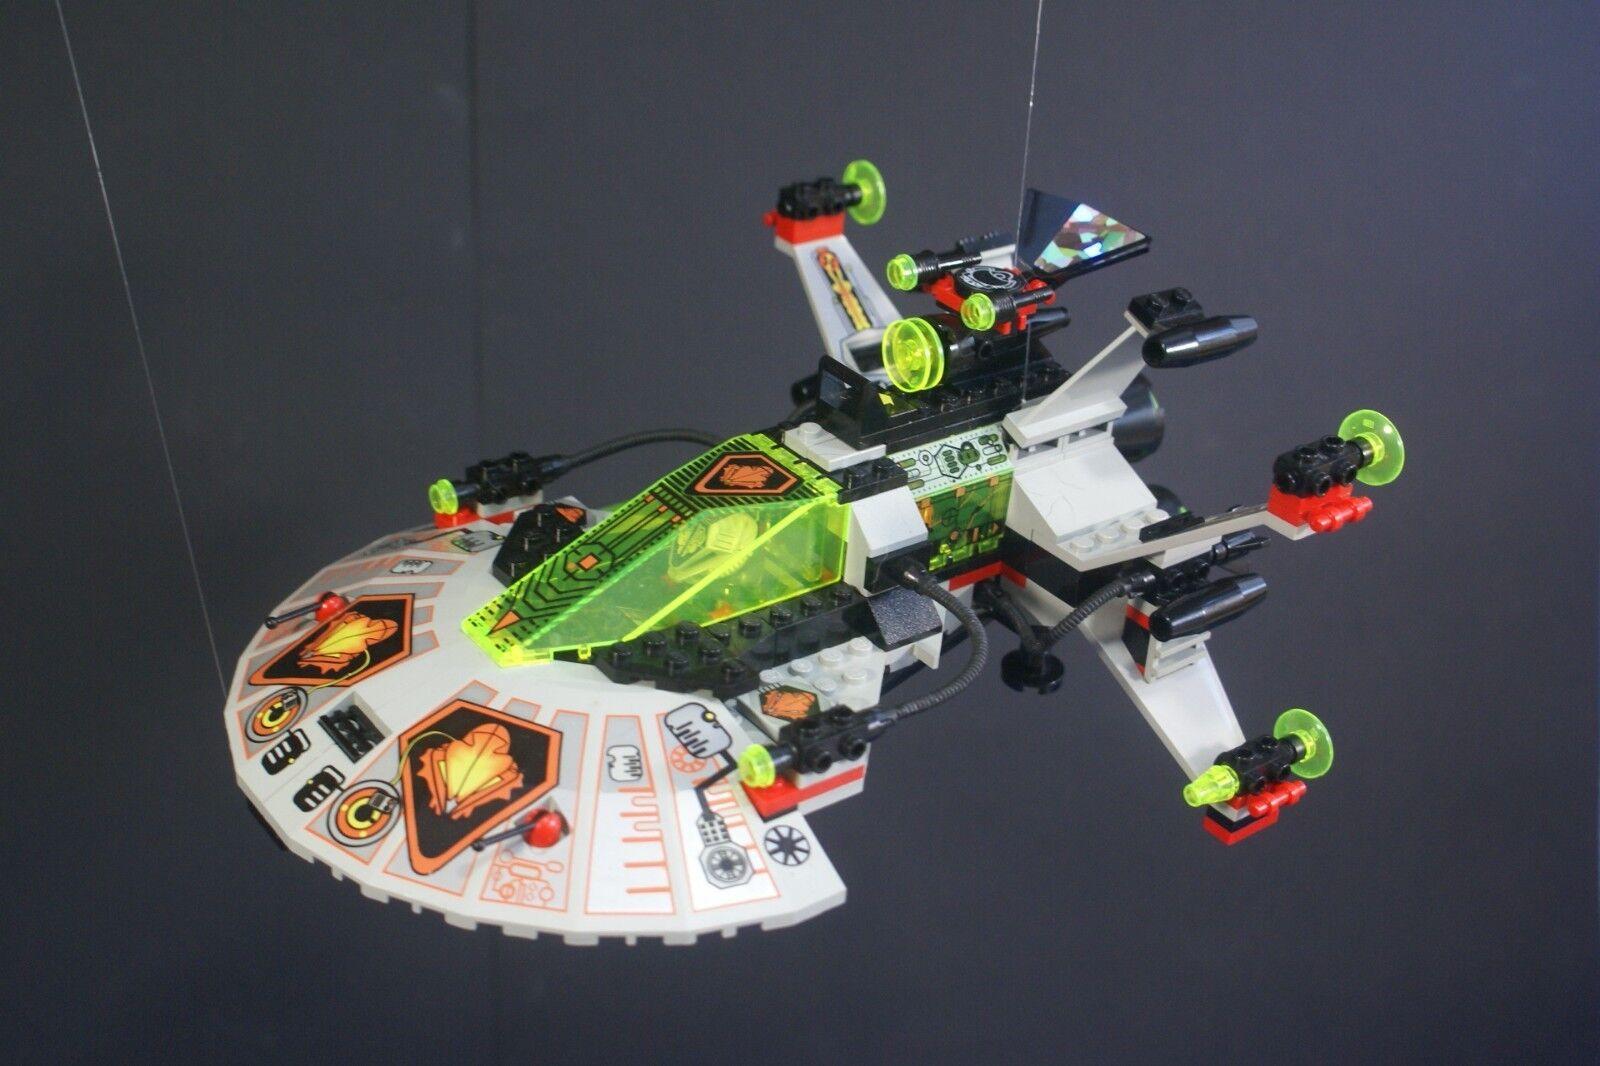 VINTAGE VINTAGE VINTAGE LEGO SYSTEM 6915 SPACE WARP WING FIGHTER 100% COMPLETE ccd0ab